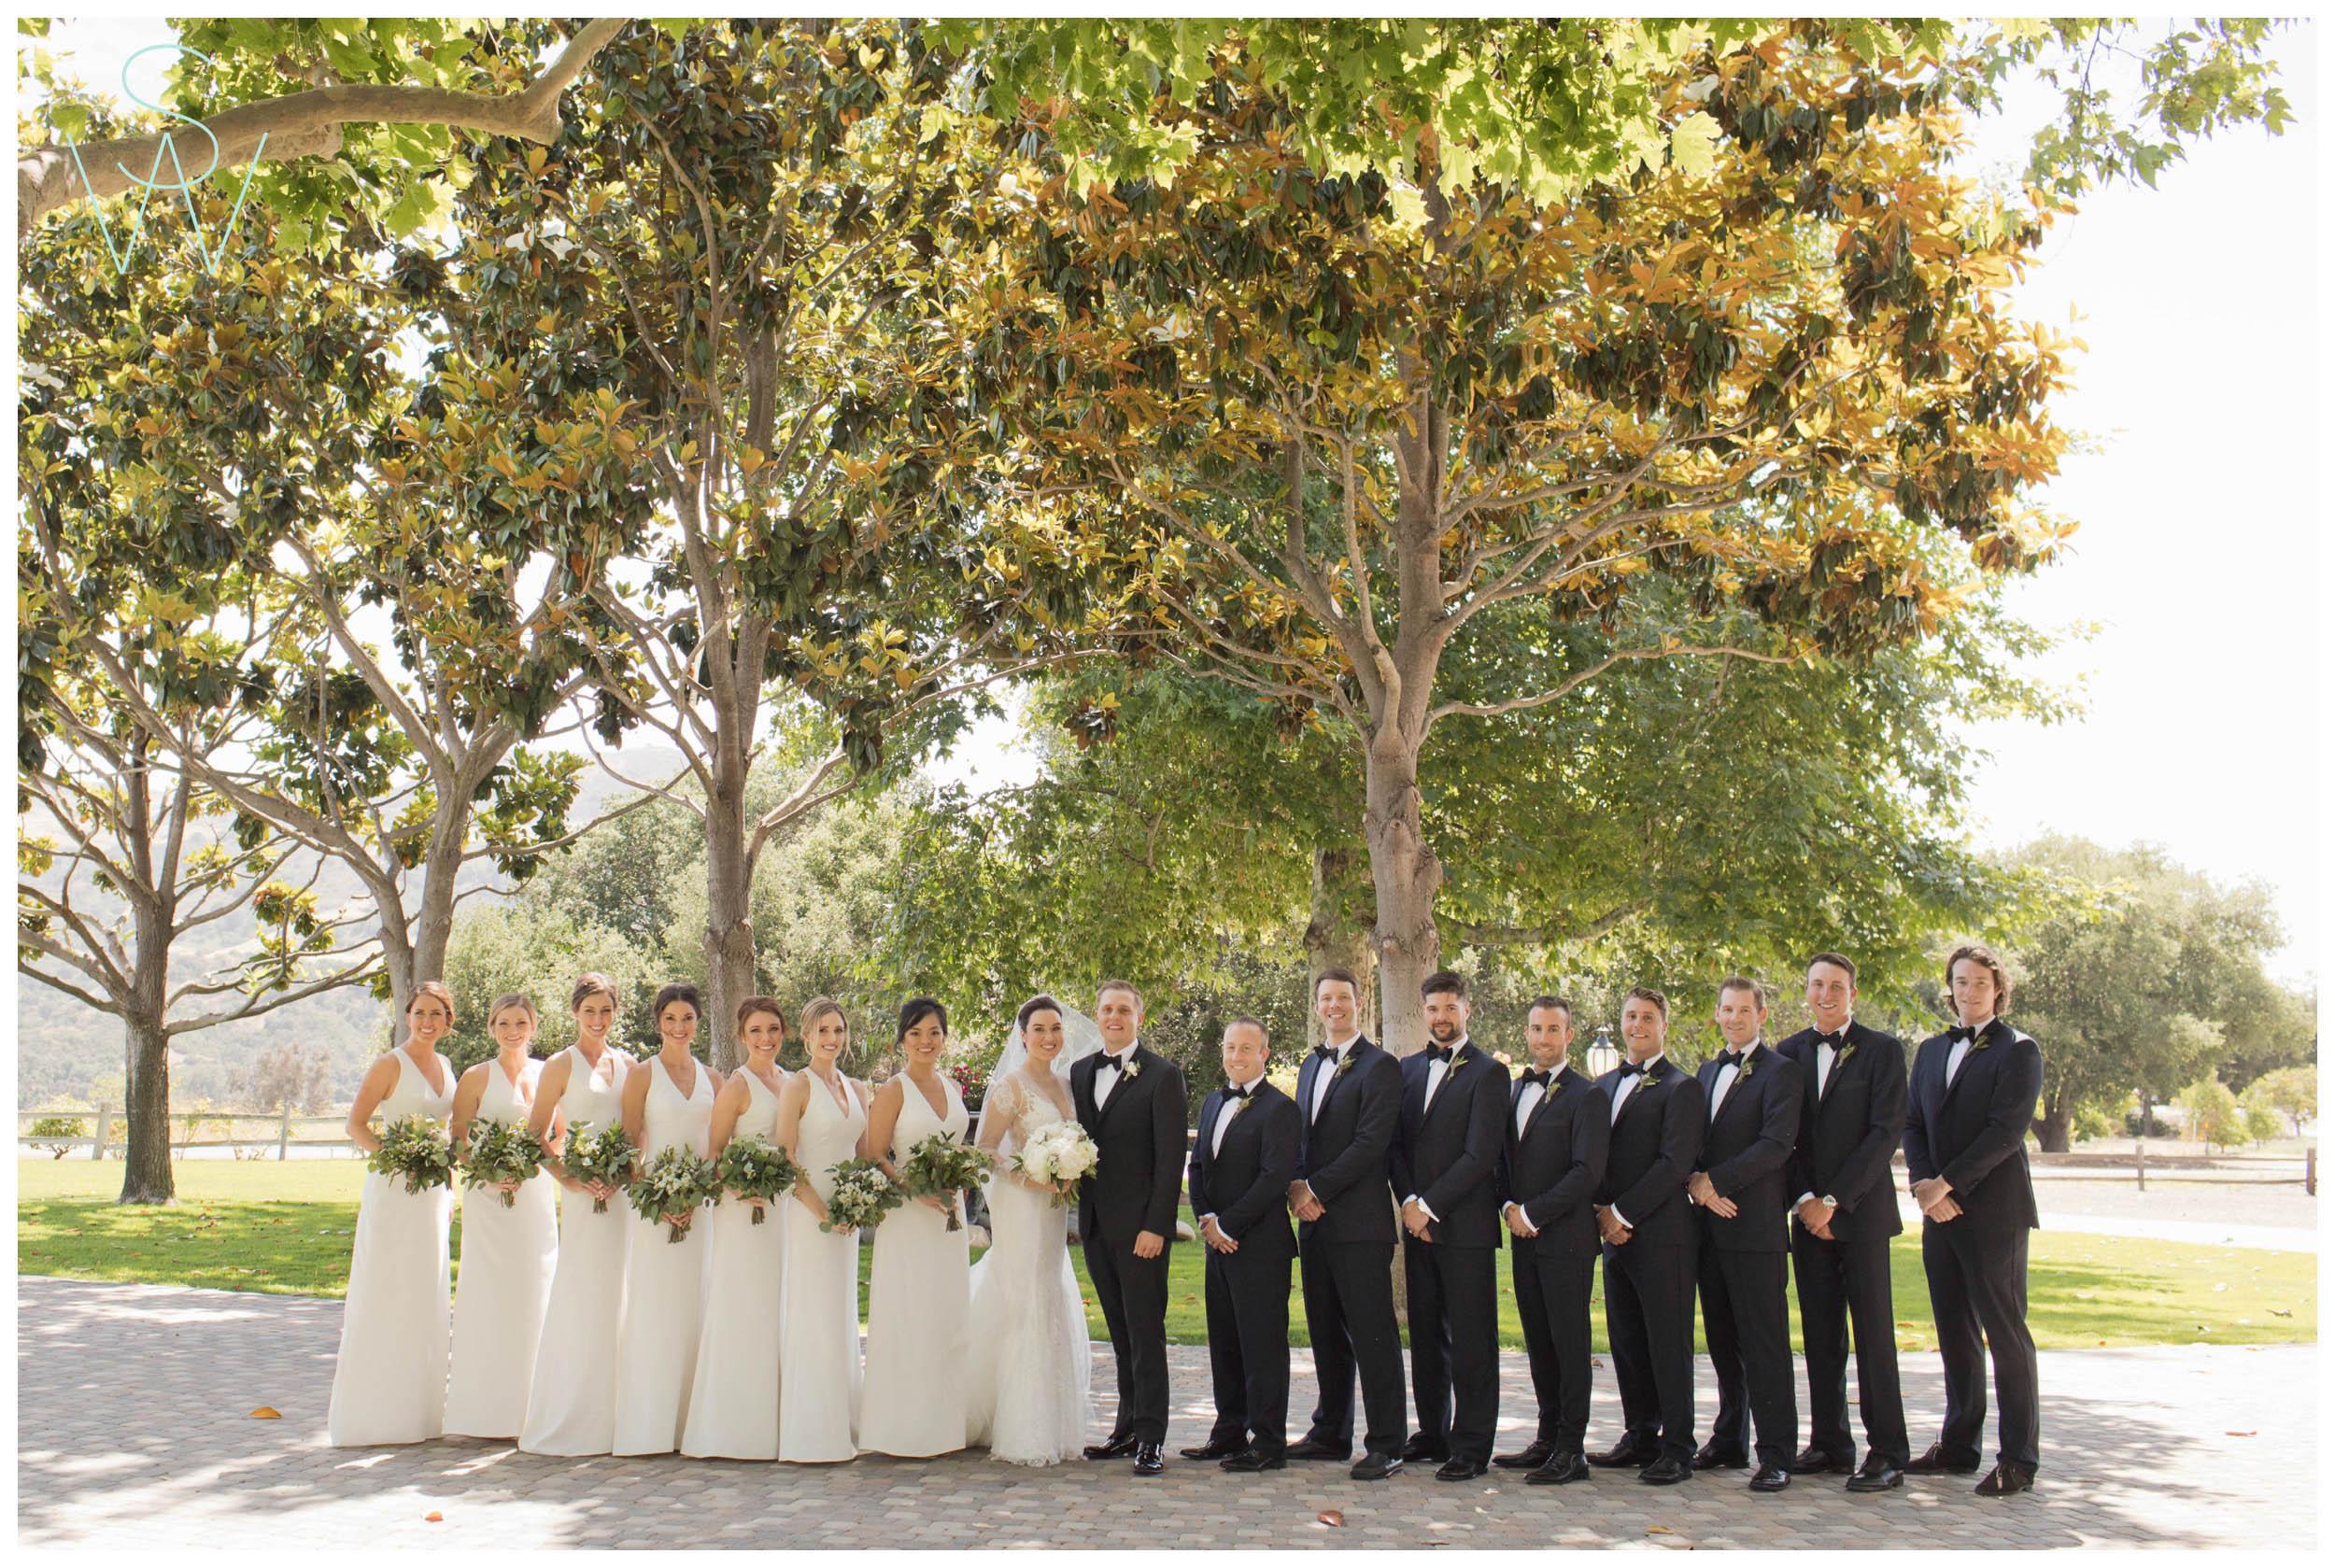 Shewanders.san_.diego_.wedding.photography.private.estate.tara_.jason-3809.jpg.diego_.wedding.photography.private.estate.tara_.jason-380.jpg